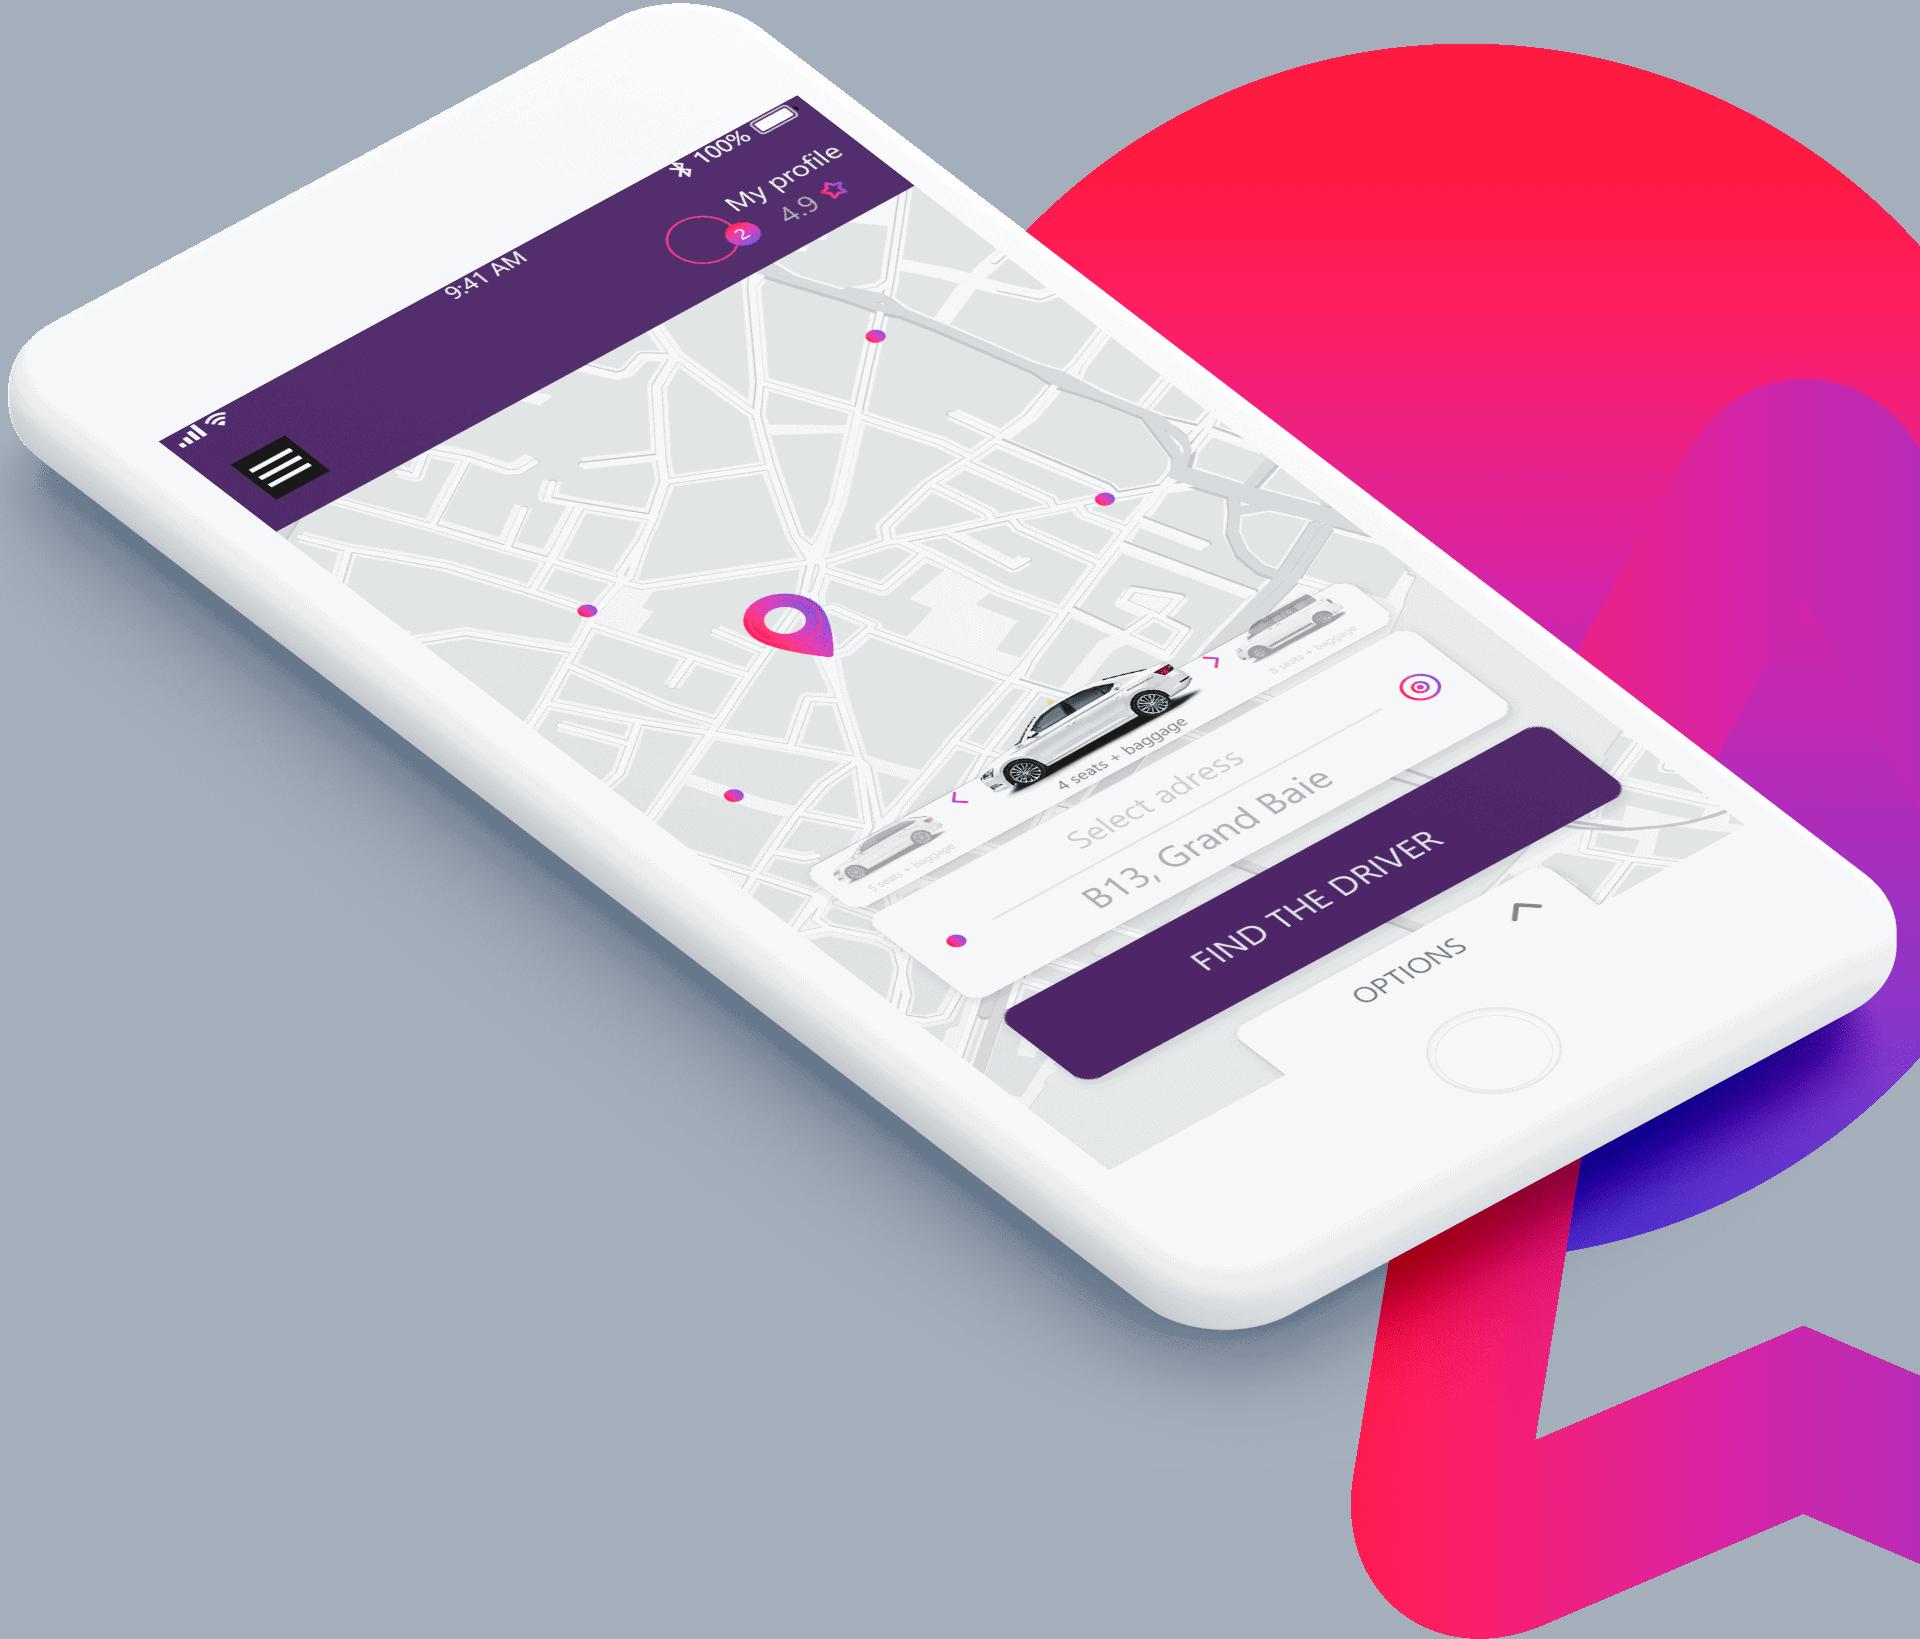 UI artlime projektowanie aplikacji mobilnej taksówka uber